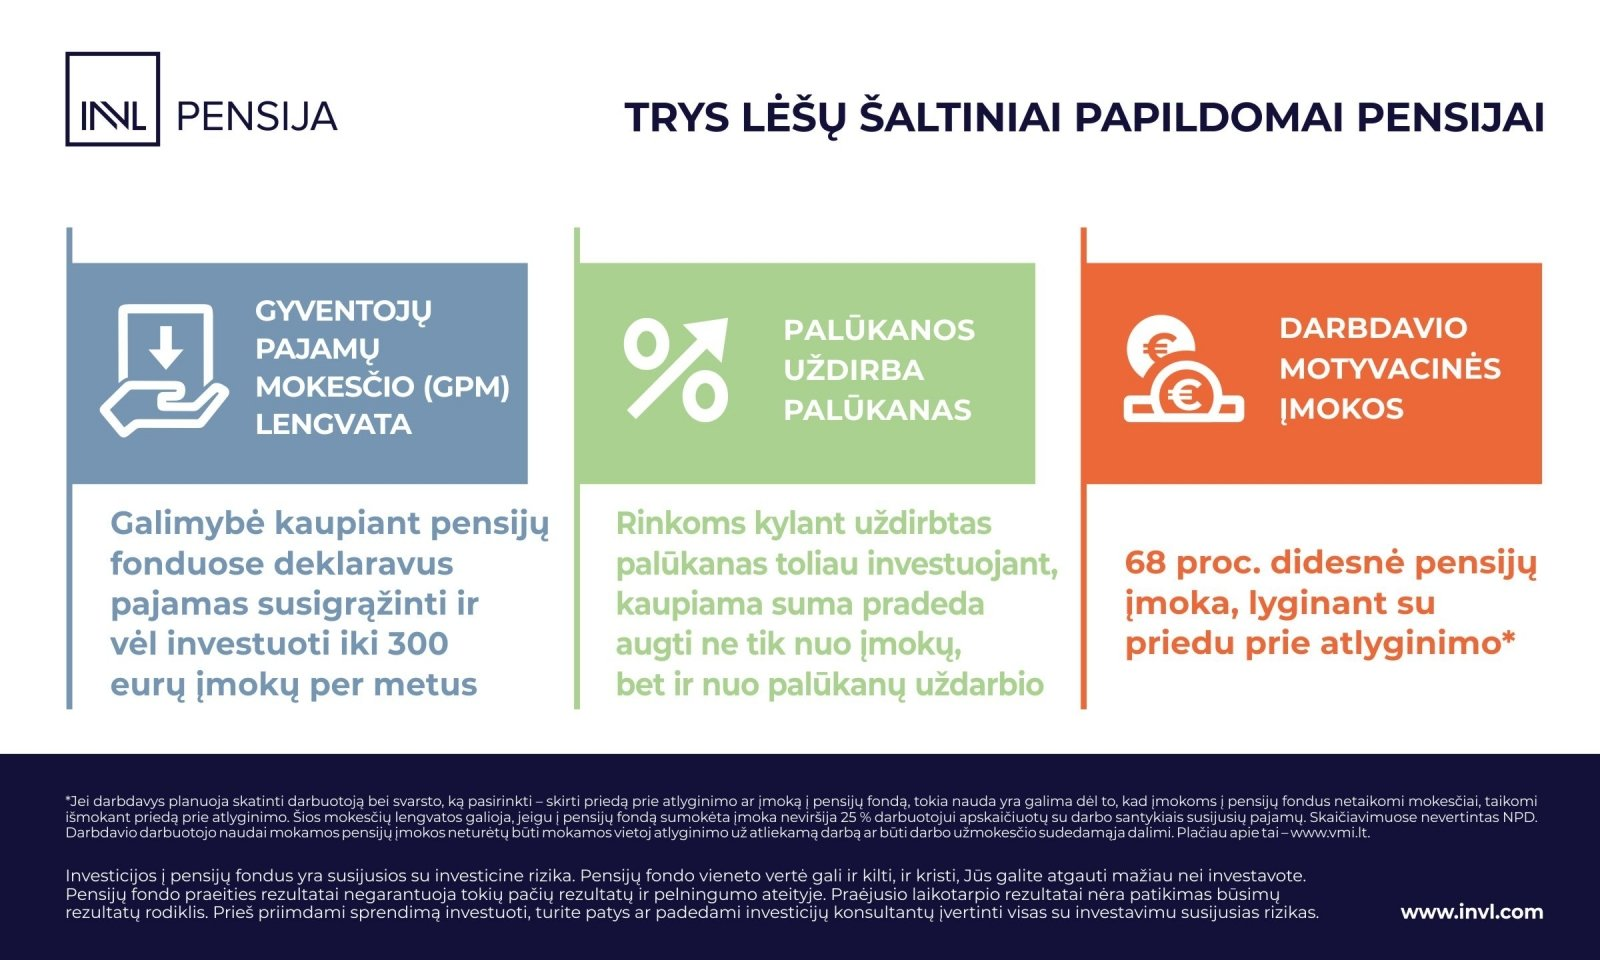 akcijų pasirinkimo sandoriai ir pensija)